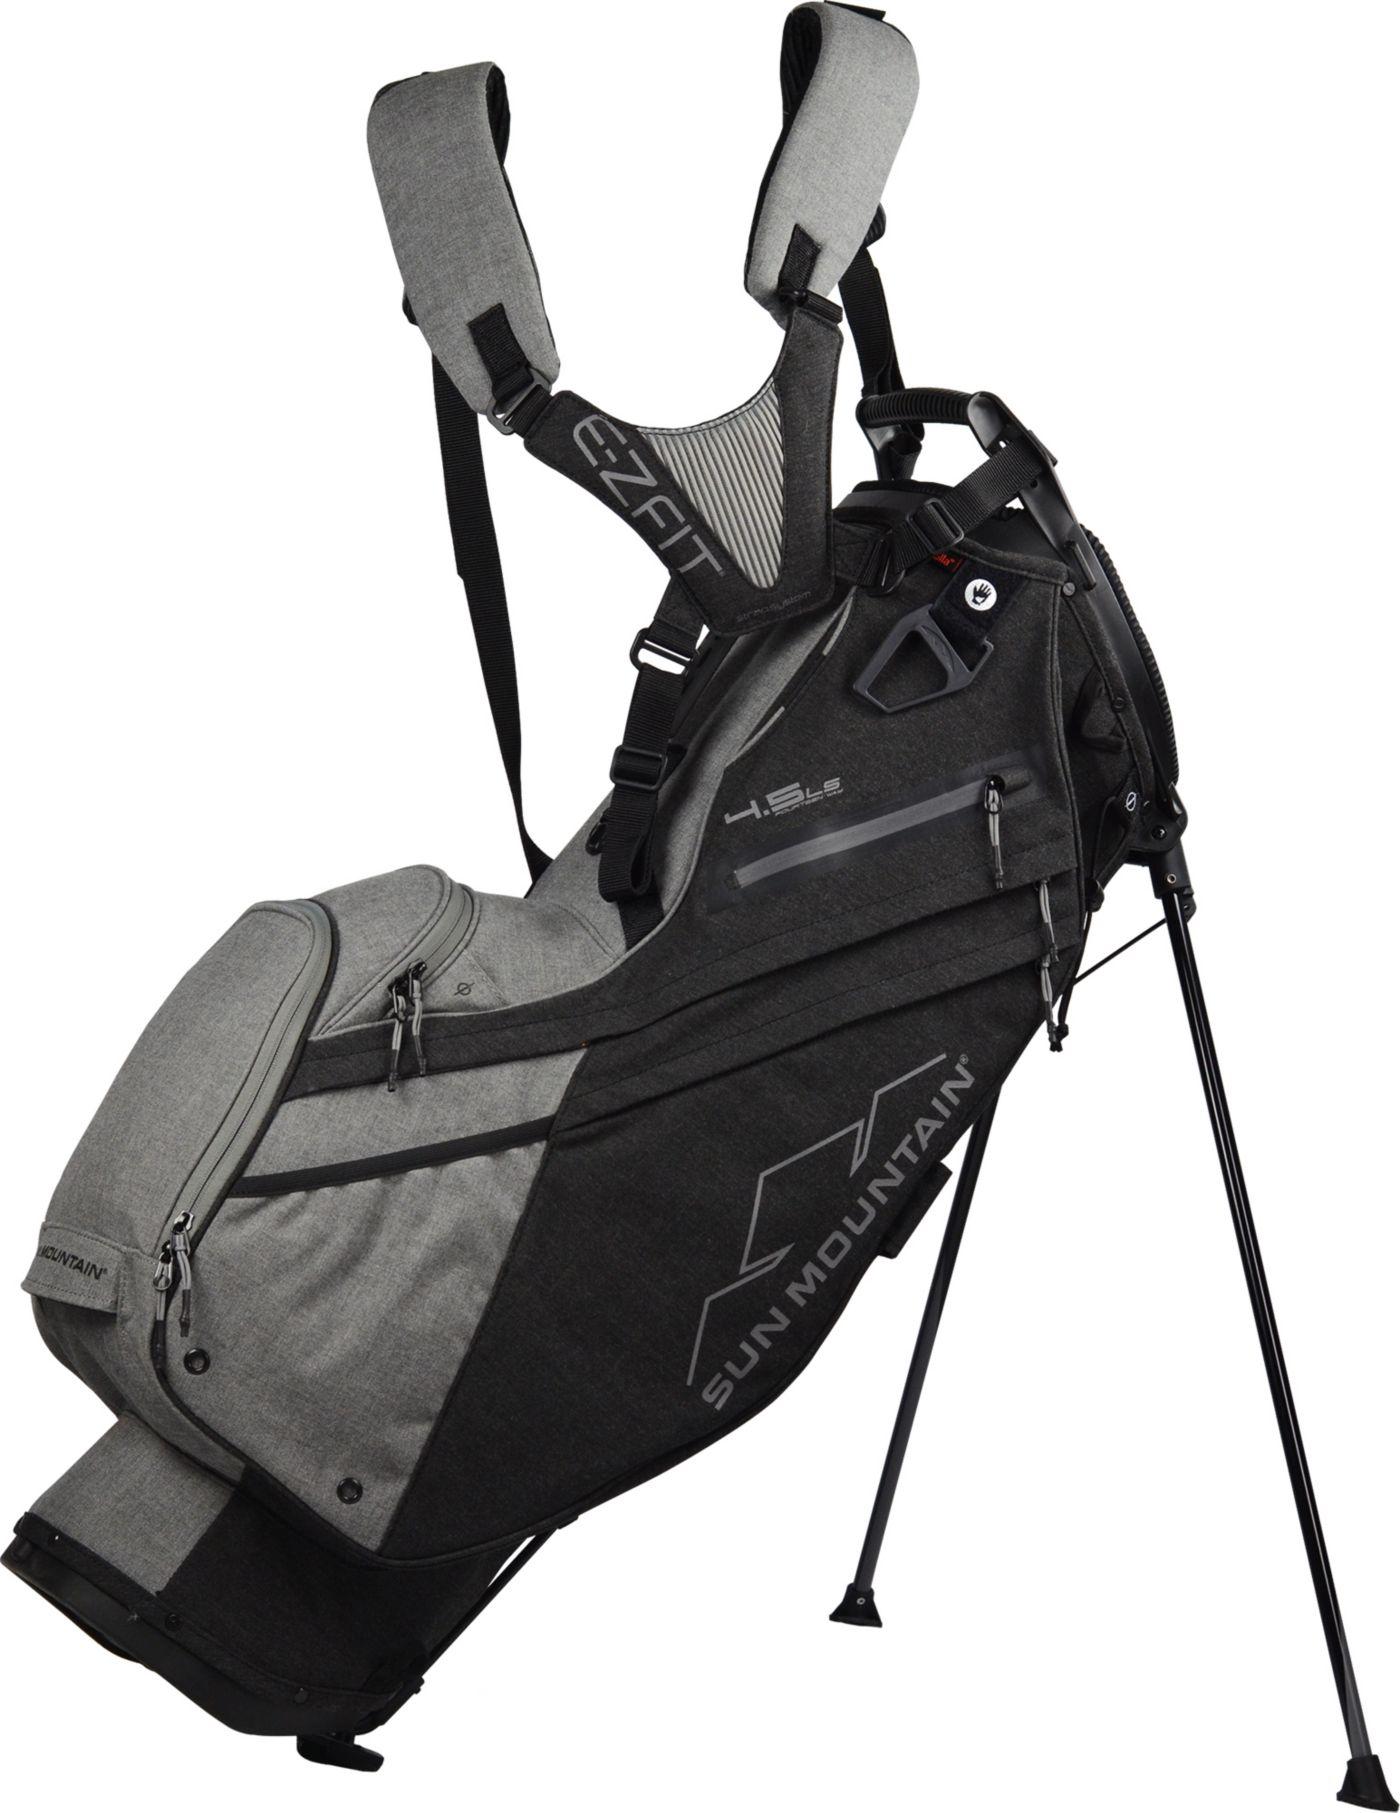 Sun Mountain 2020 4.5 LS 14-Way Sunbrella Stand Golf Bag